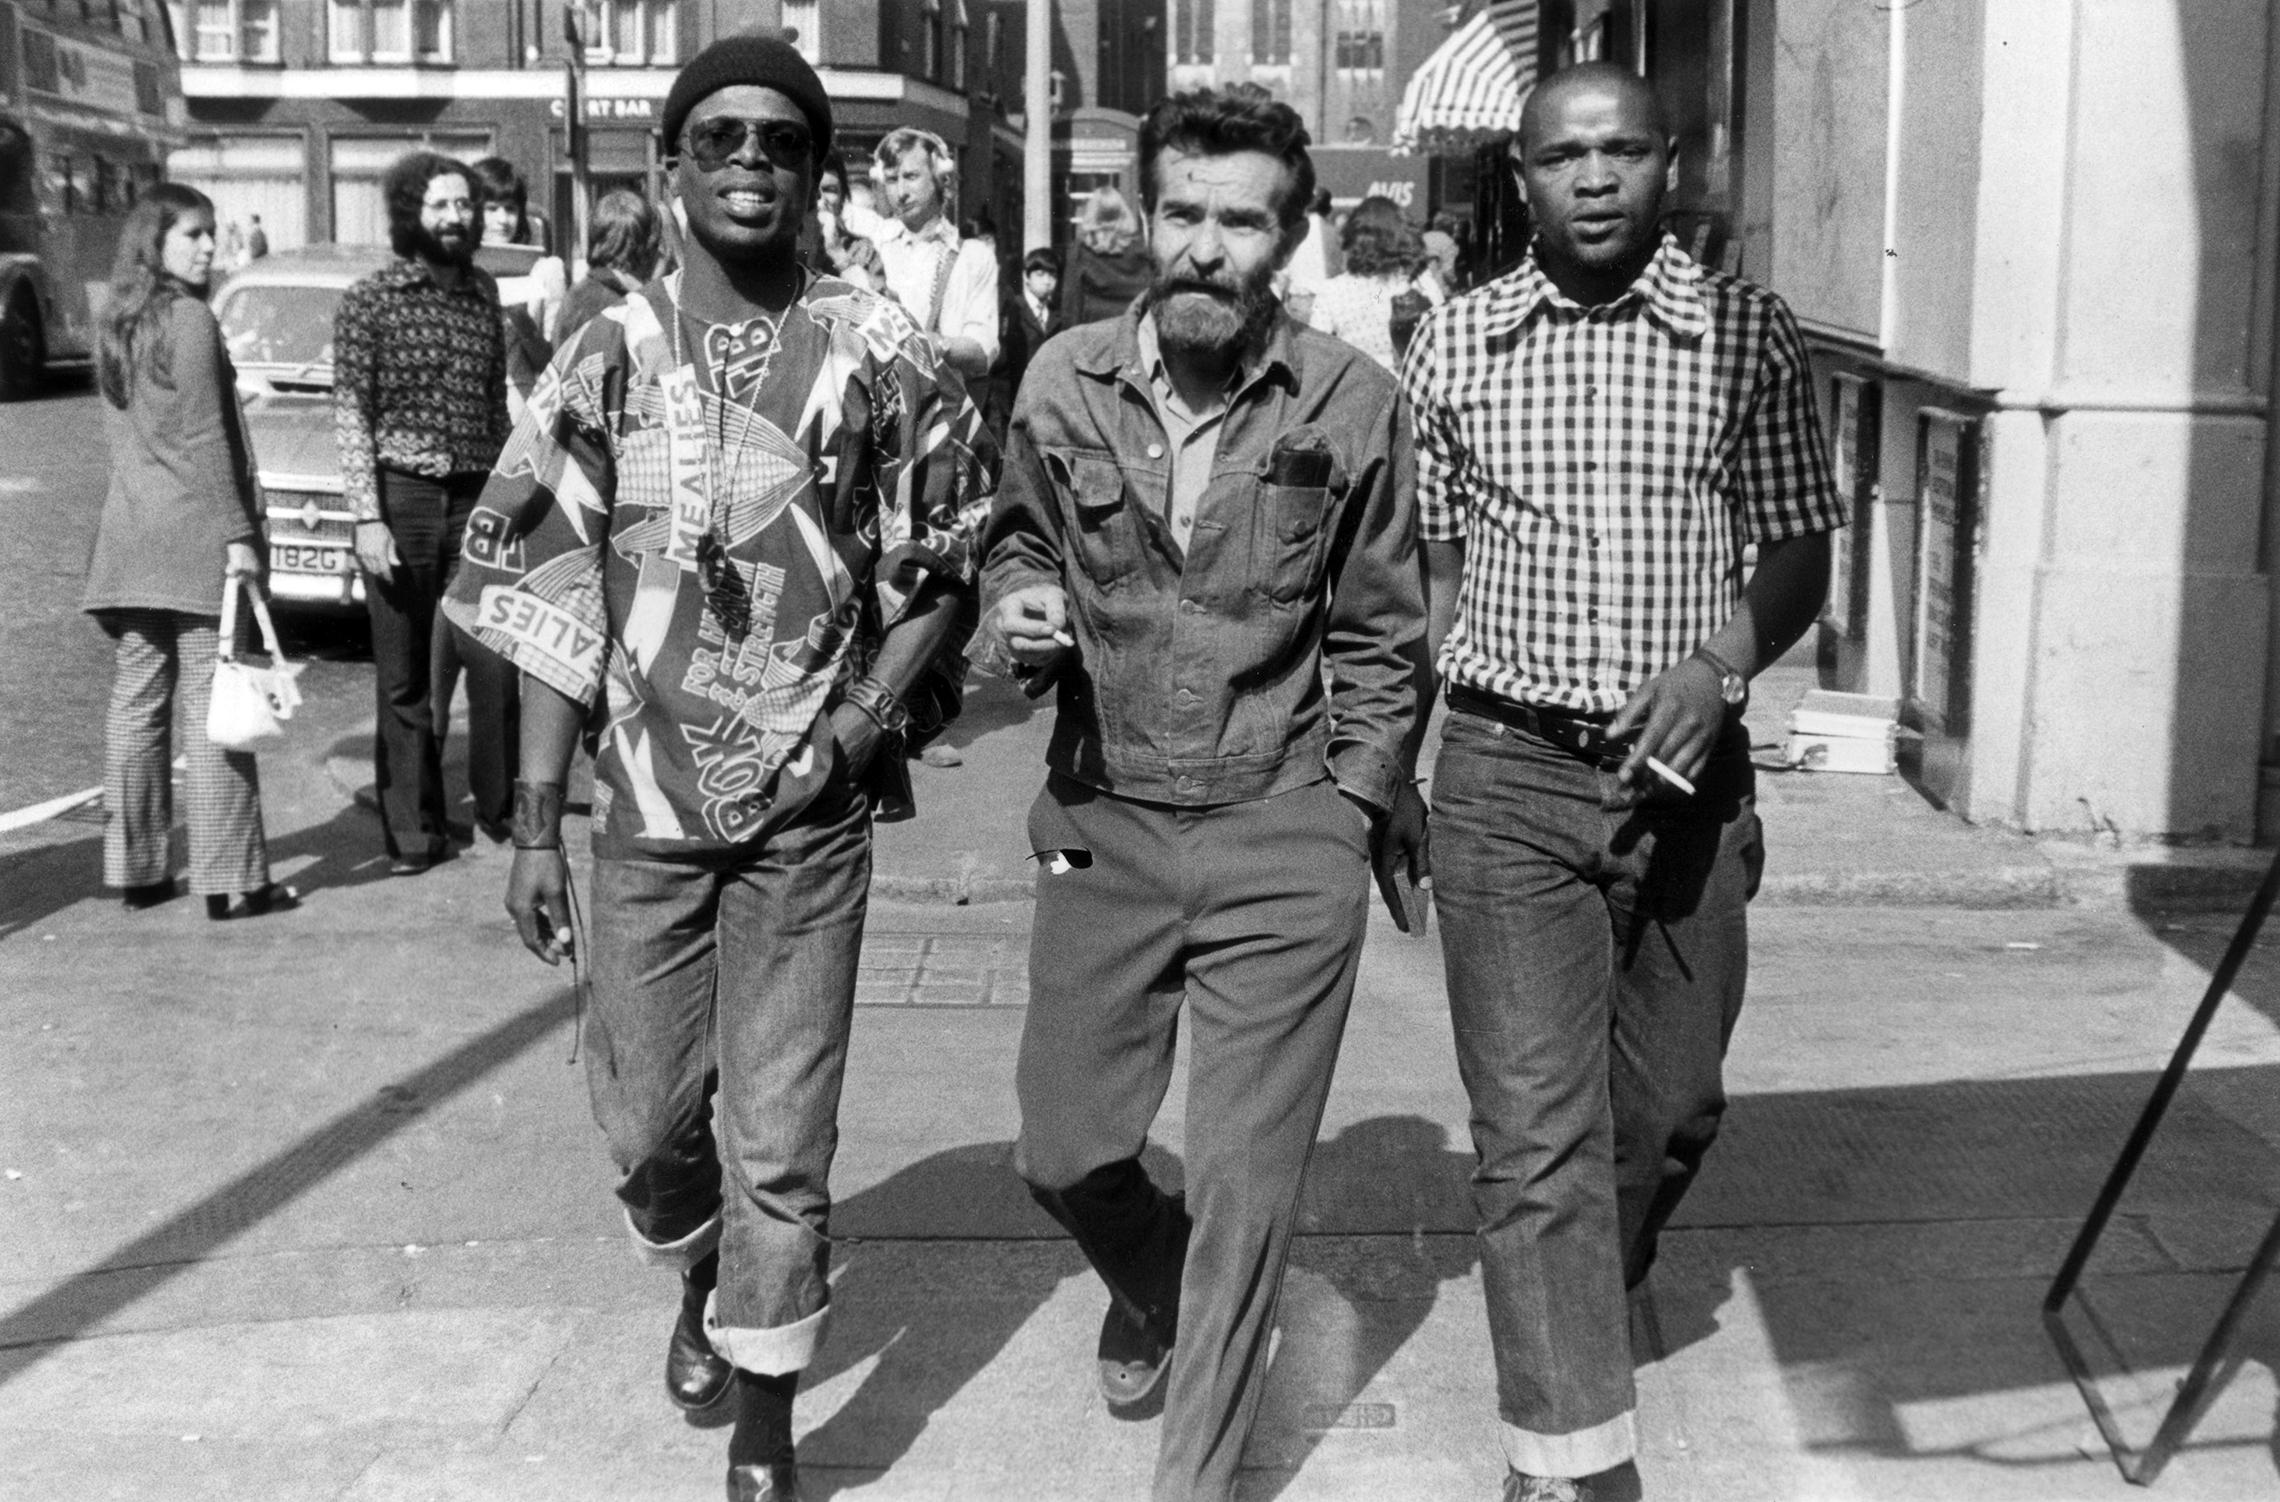 Athol Fugard, John Kani, and Winston Ntshona